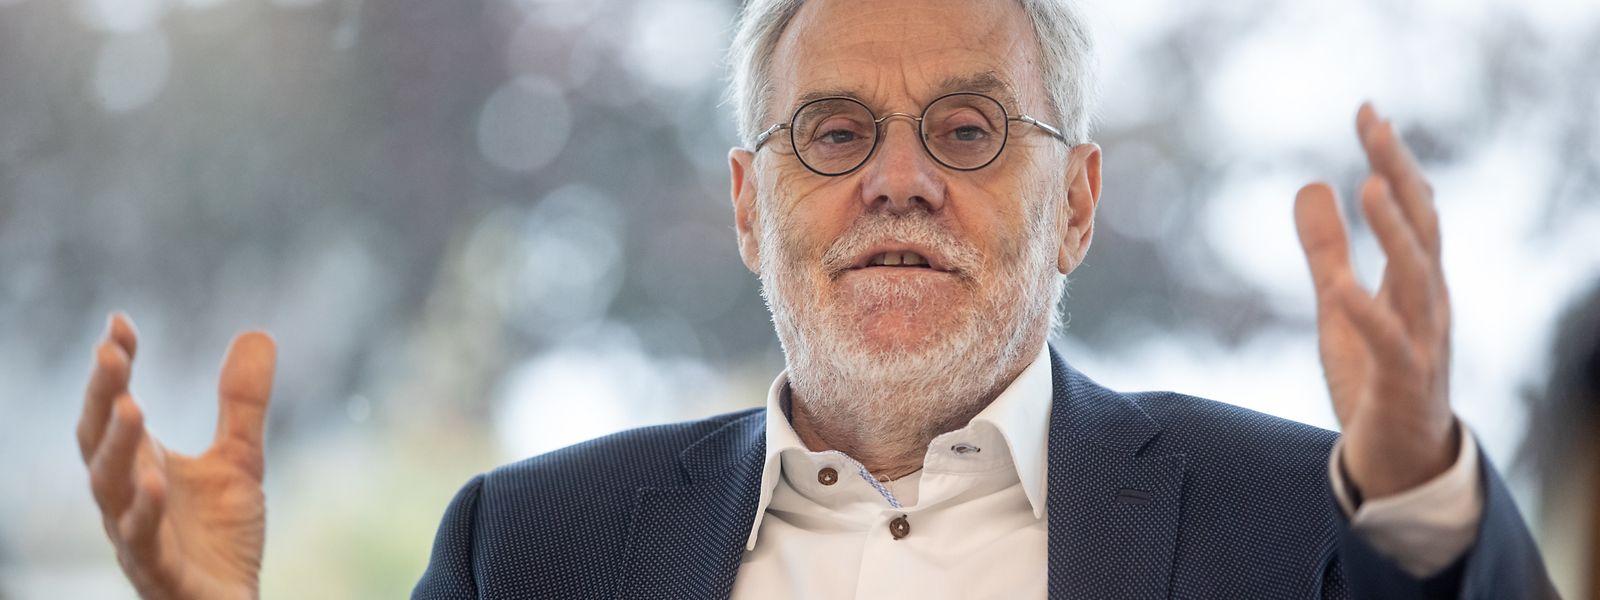 Bloß noch Bürgermeister: Marco Schank (CSV) zieht einen Schlussstrich unter seine nationalpolitische Laufbahn.